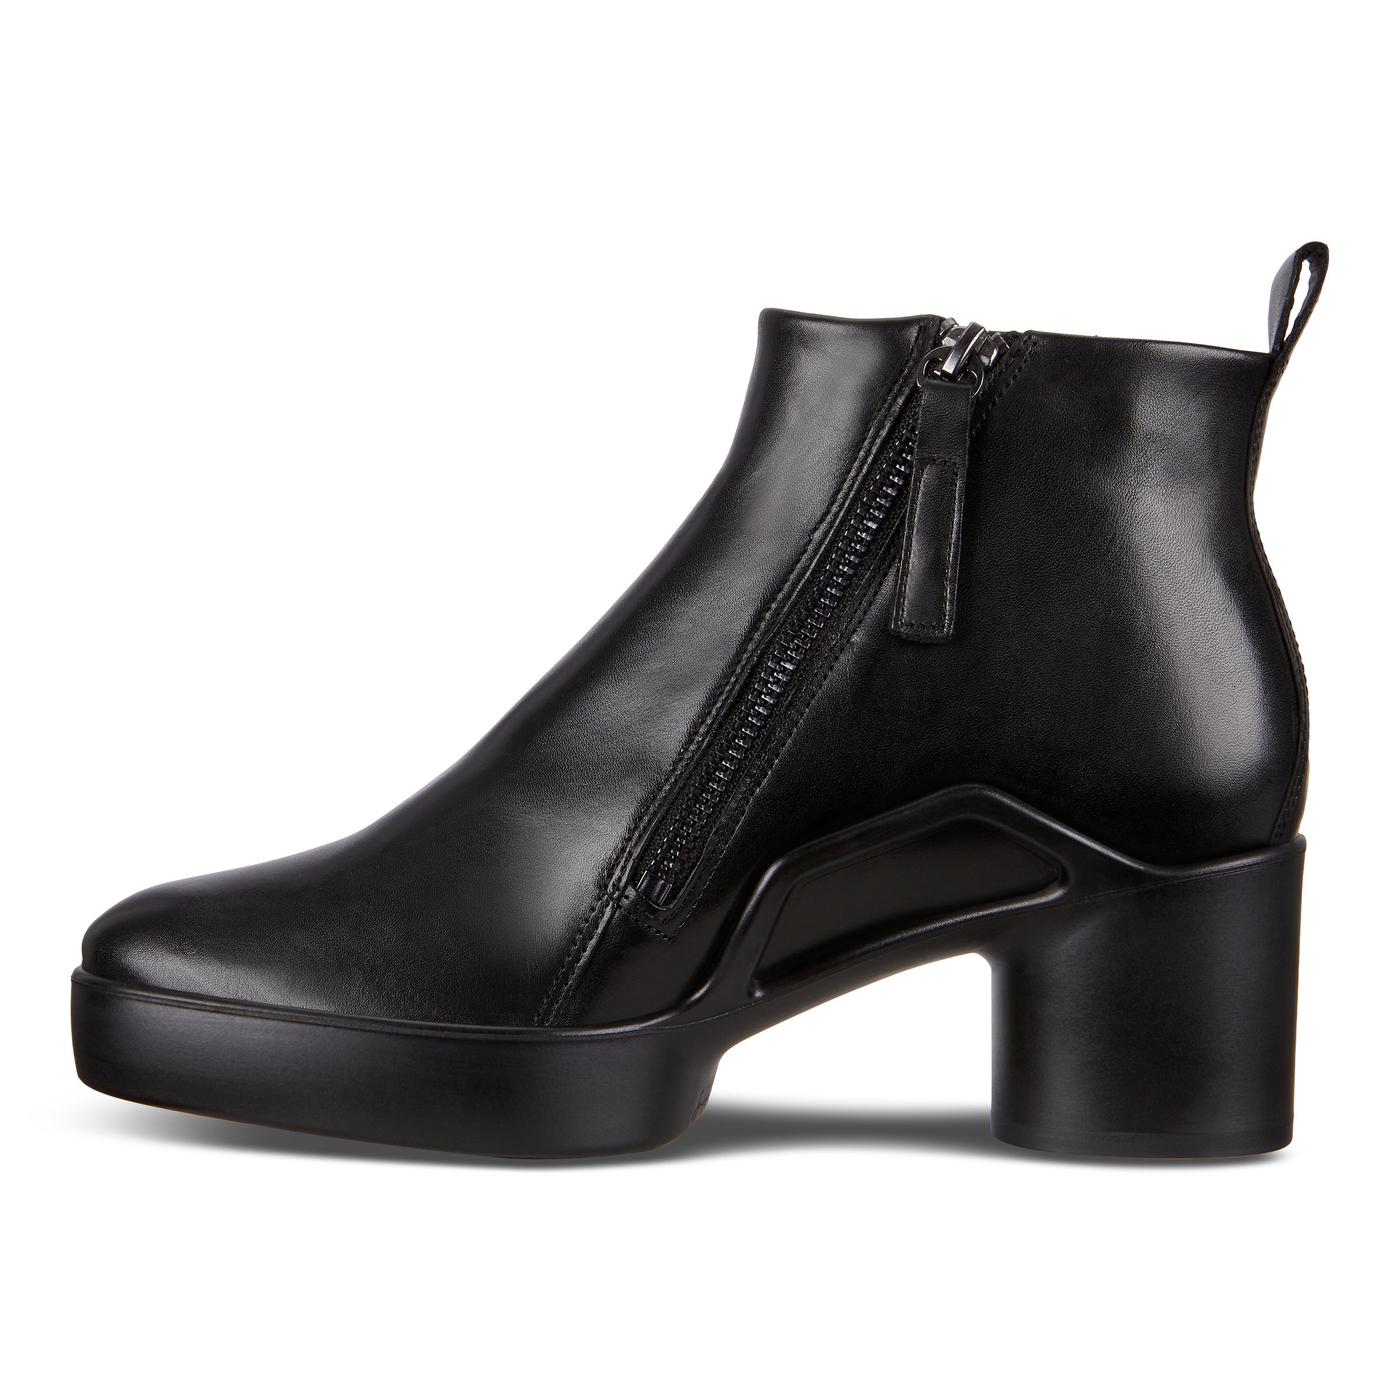 f05ede27dd ECCO SHAPE SCULPTED MOTION 35 | Women's platform ankle boots | ECCO Shoes